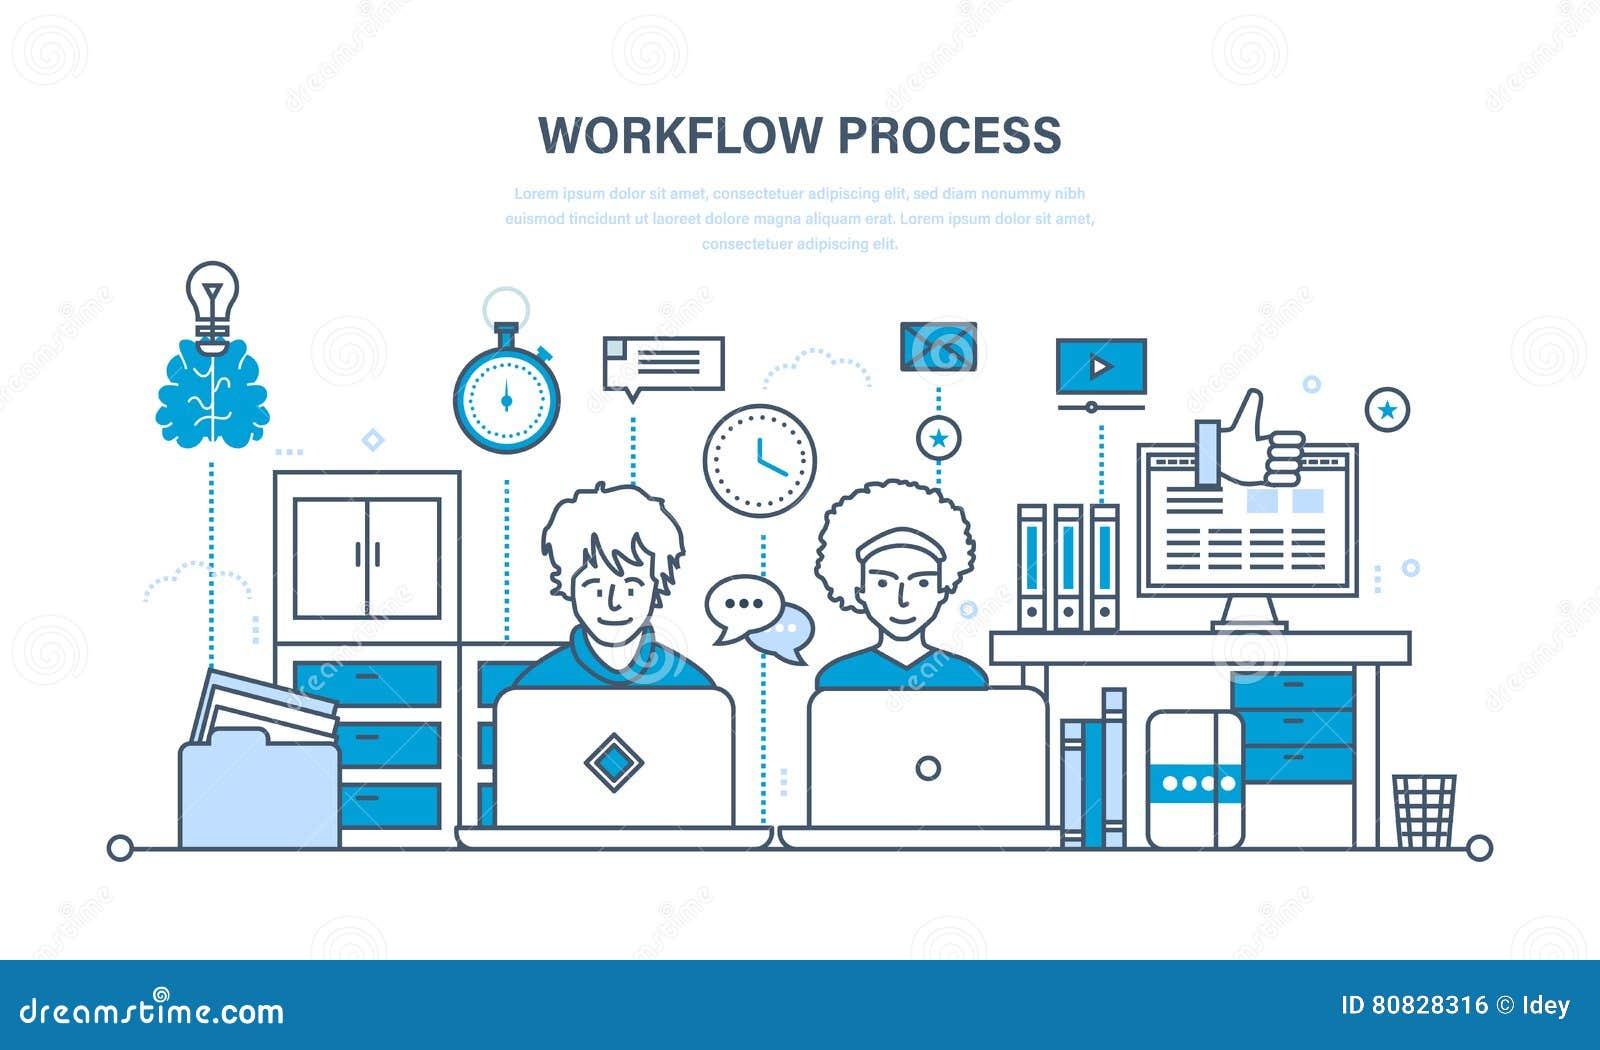 Ροή της δουλειάς, εργασιακός χώρος, περιβάλλον, λογισμικό και υλικό, σκεπτόμενη διαδικασία, επικοινωνία